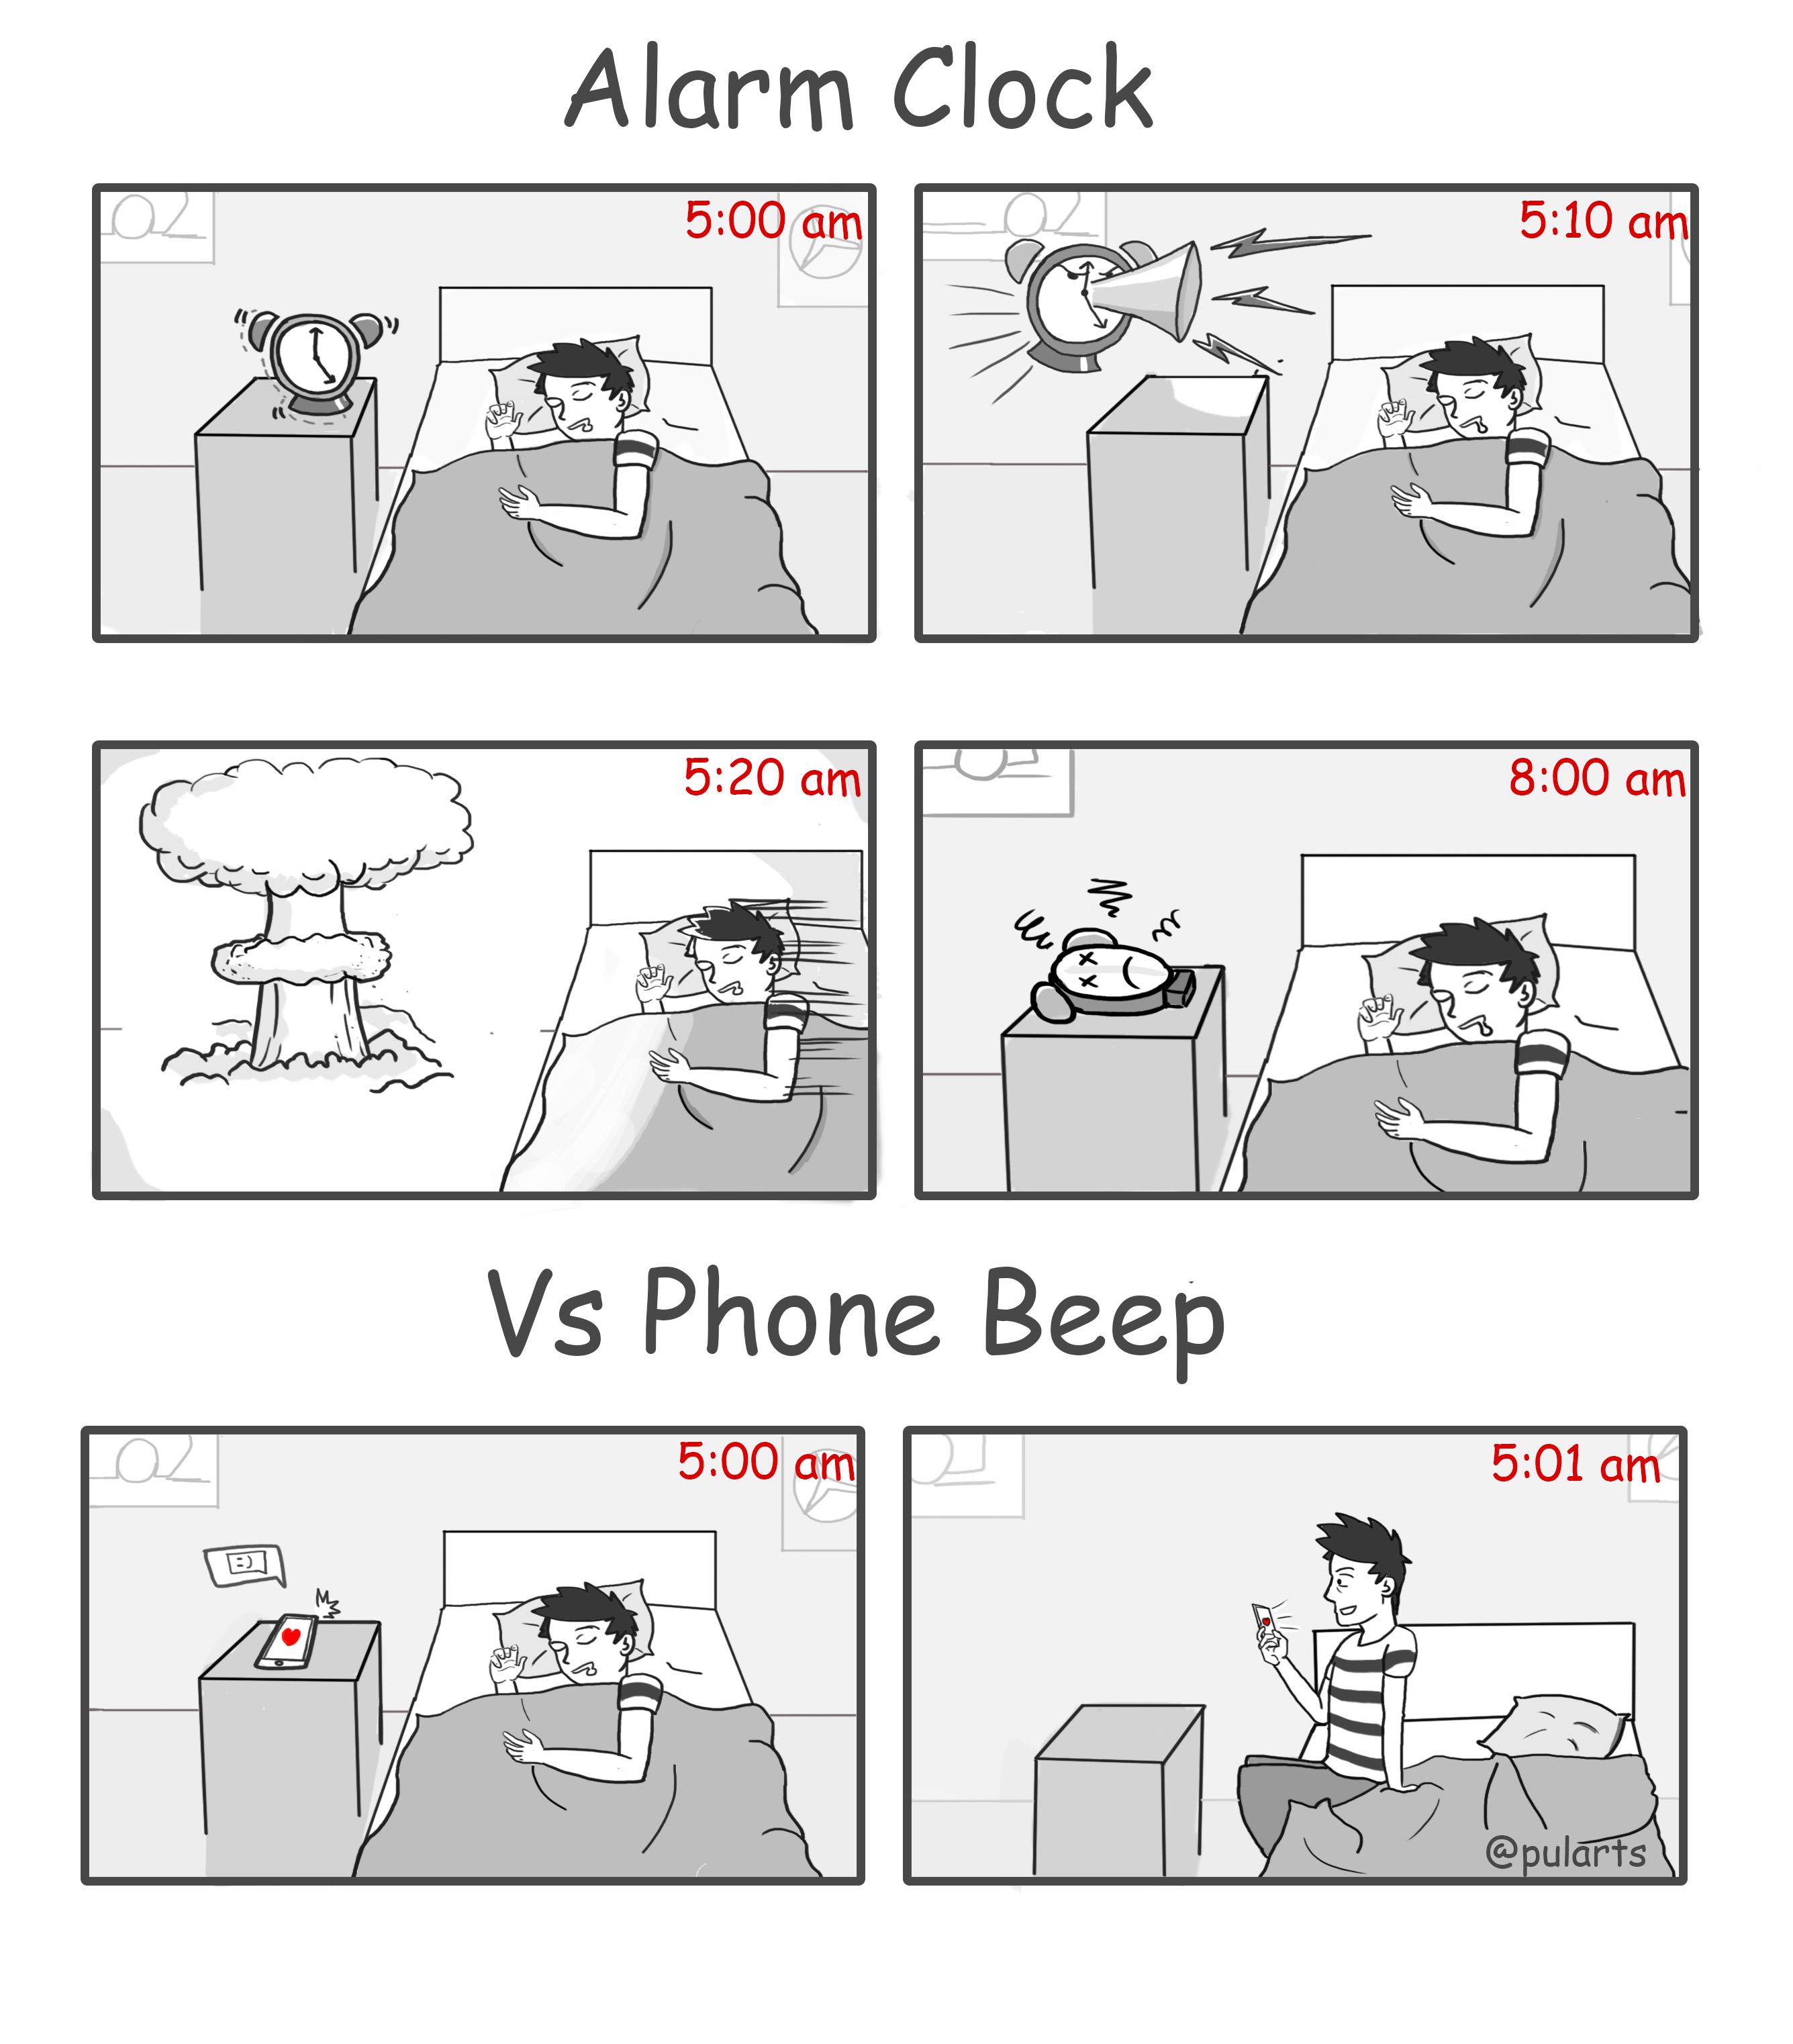 Alarm vs phone beep